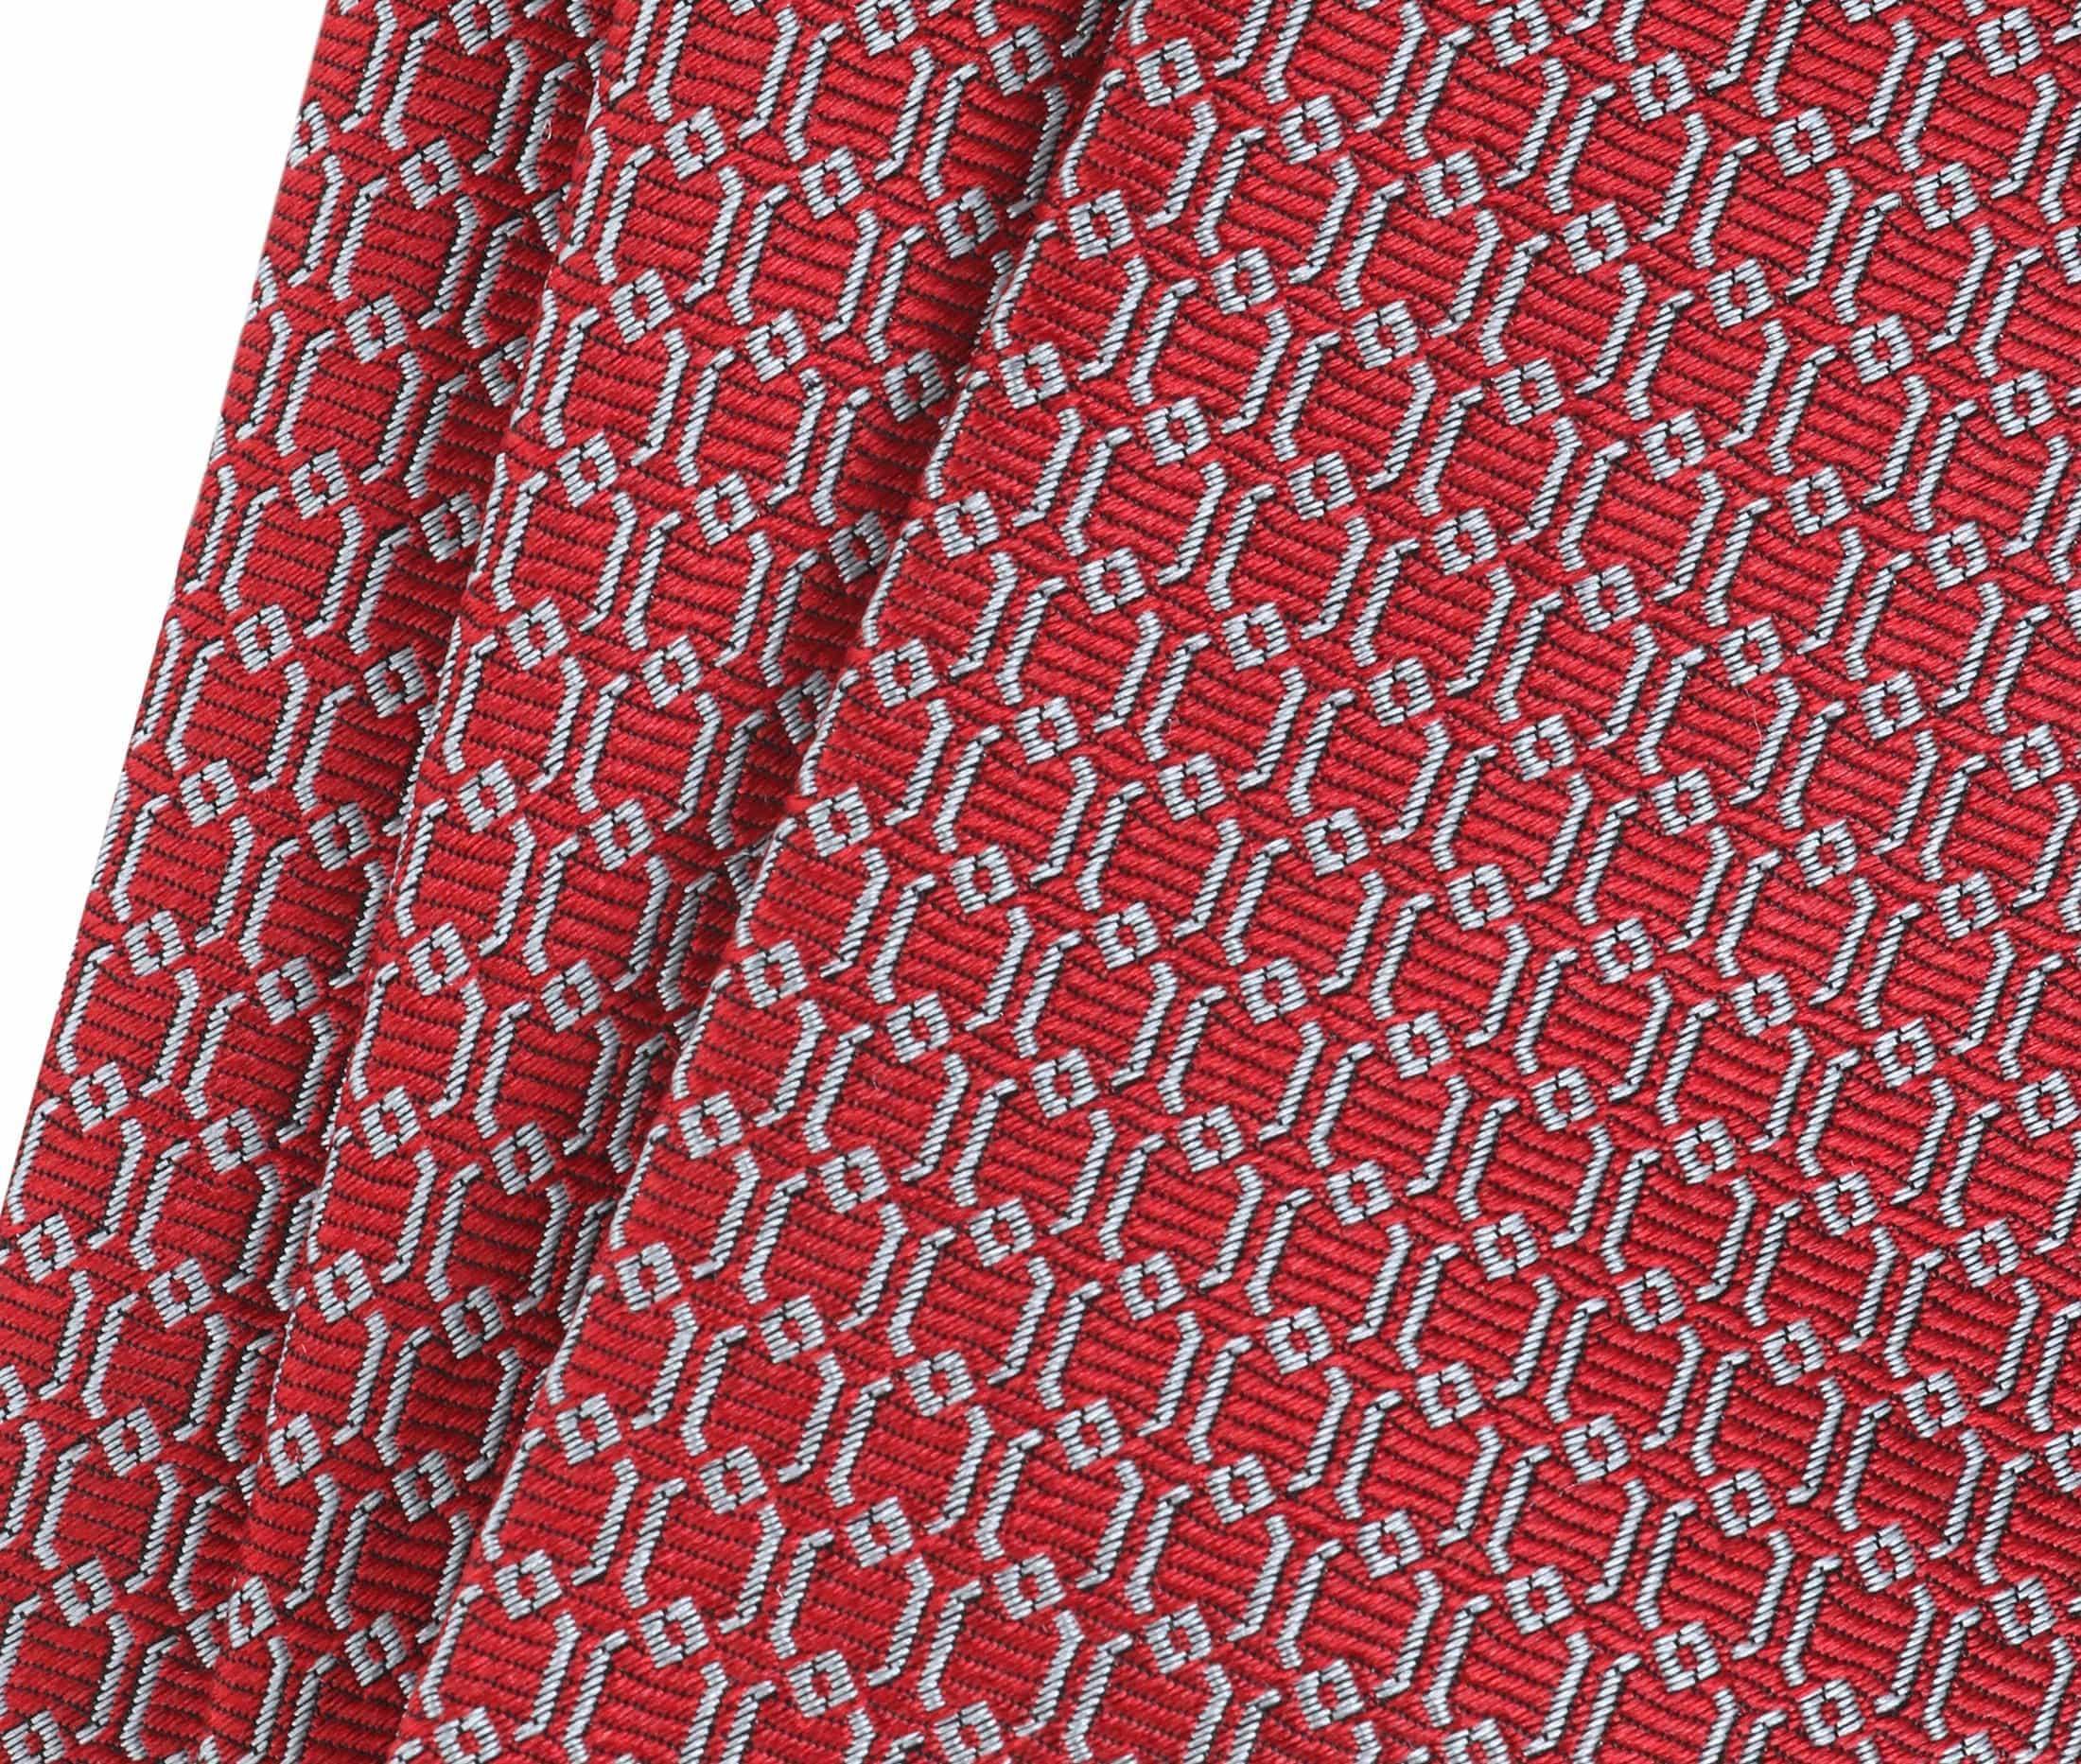 Krawatte Seide Dessin Rot Gitter foto 1